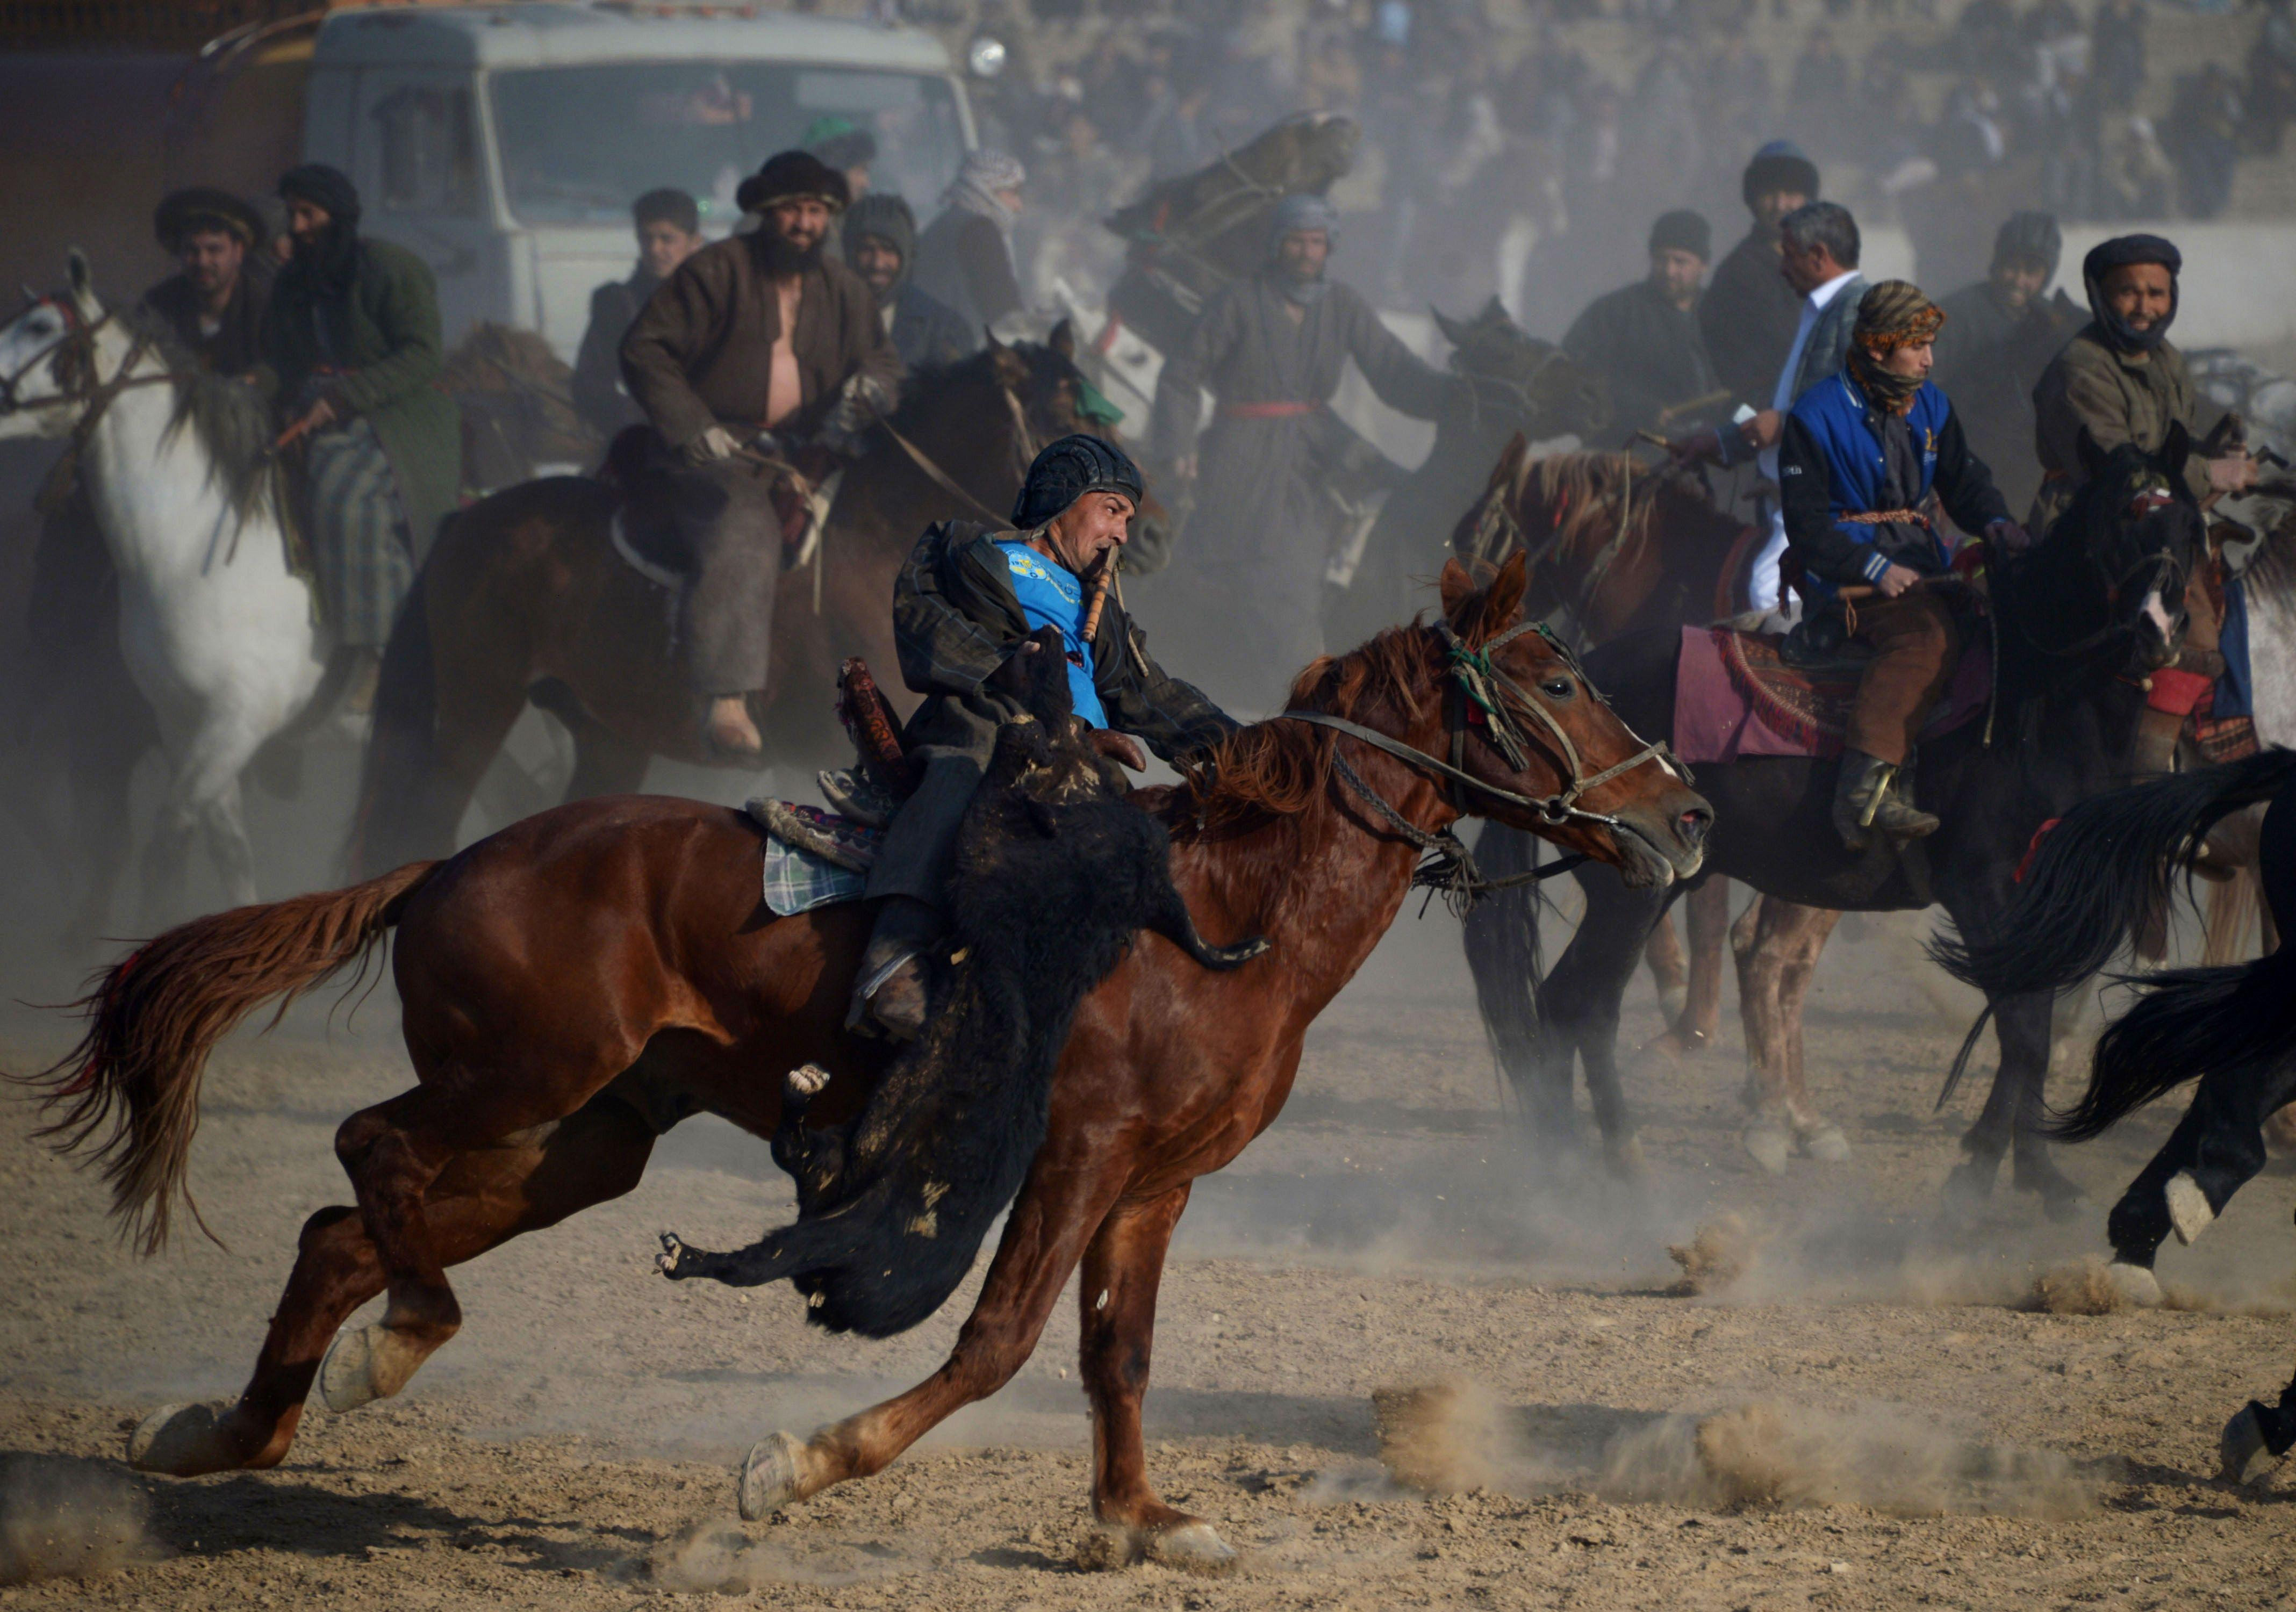 مقاتلو الميليشيات الأفغانية يمارسون رياضة البوزكاشى